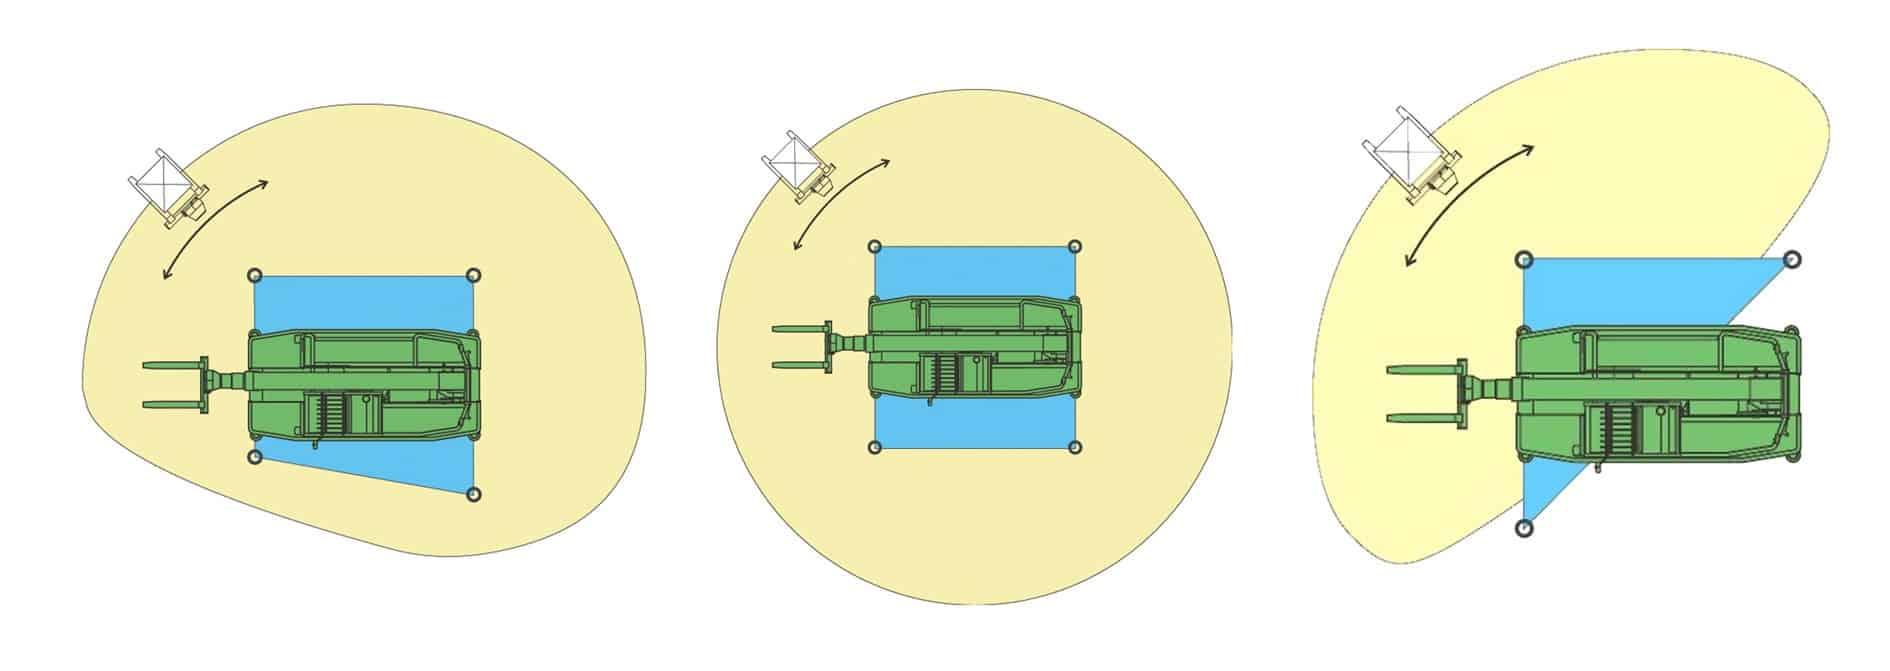 Il sistema Mcss consente di stabilizzare la macchina secondo lo spazio a disposizione e di monitorare dinamicamente la sicurezza, in base al diagramma di carico